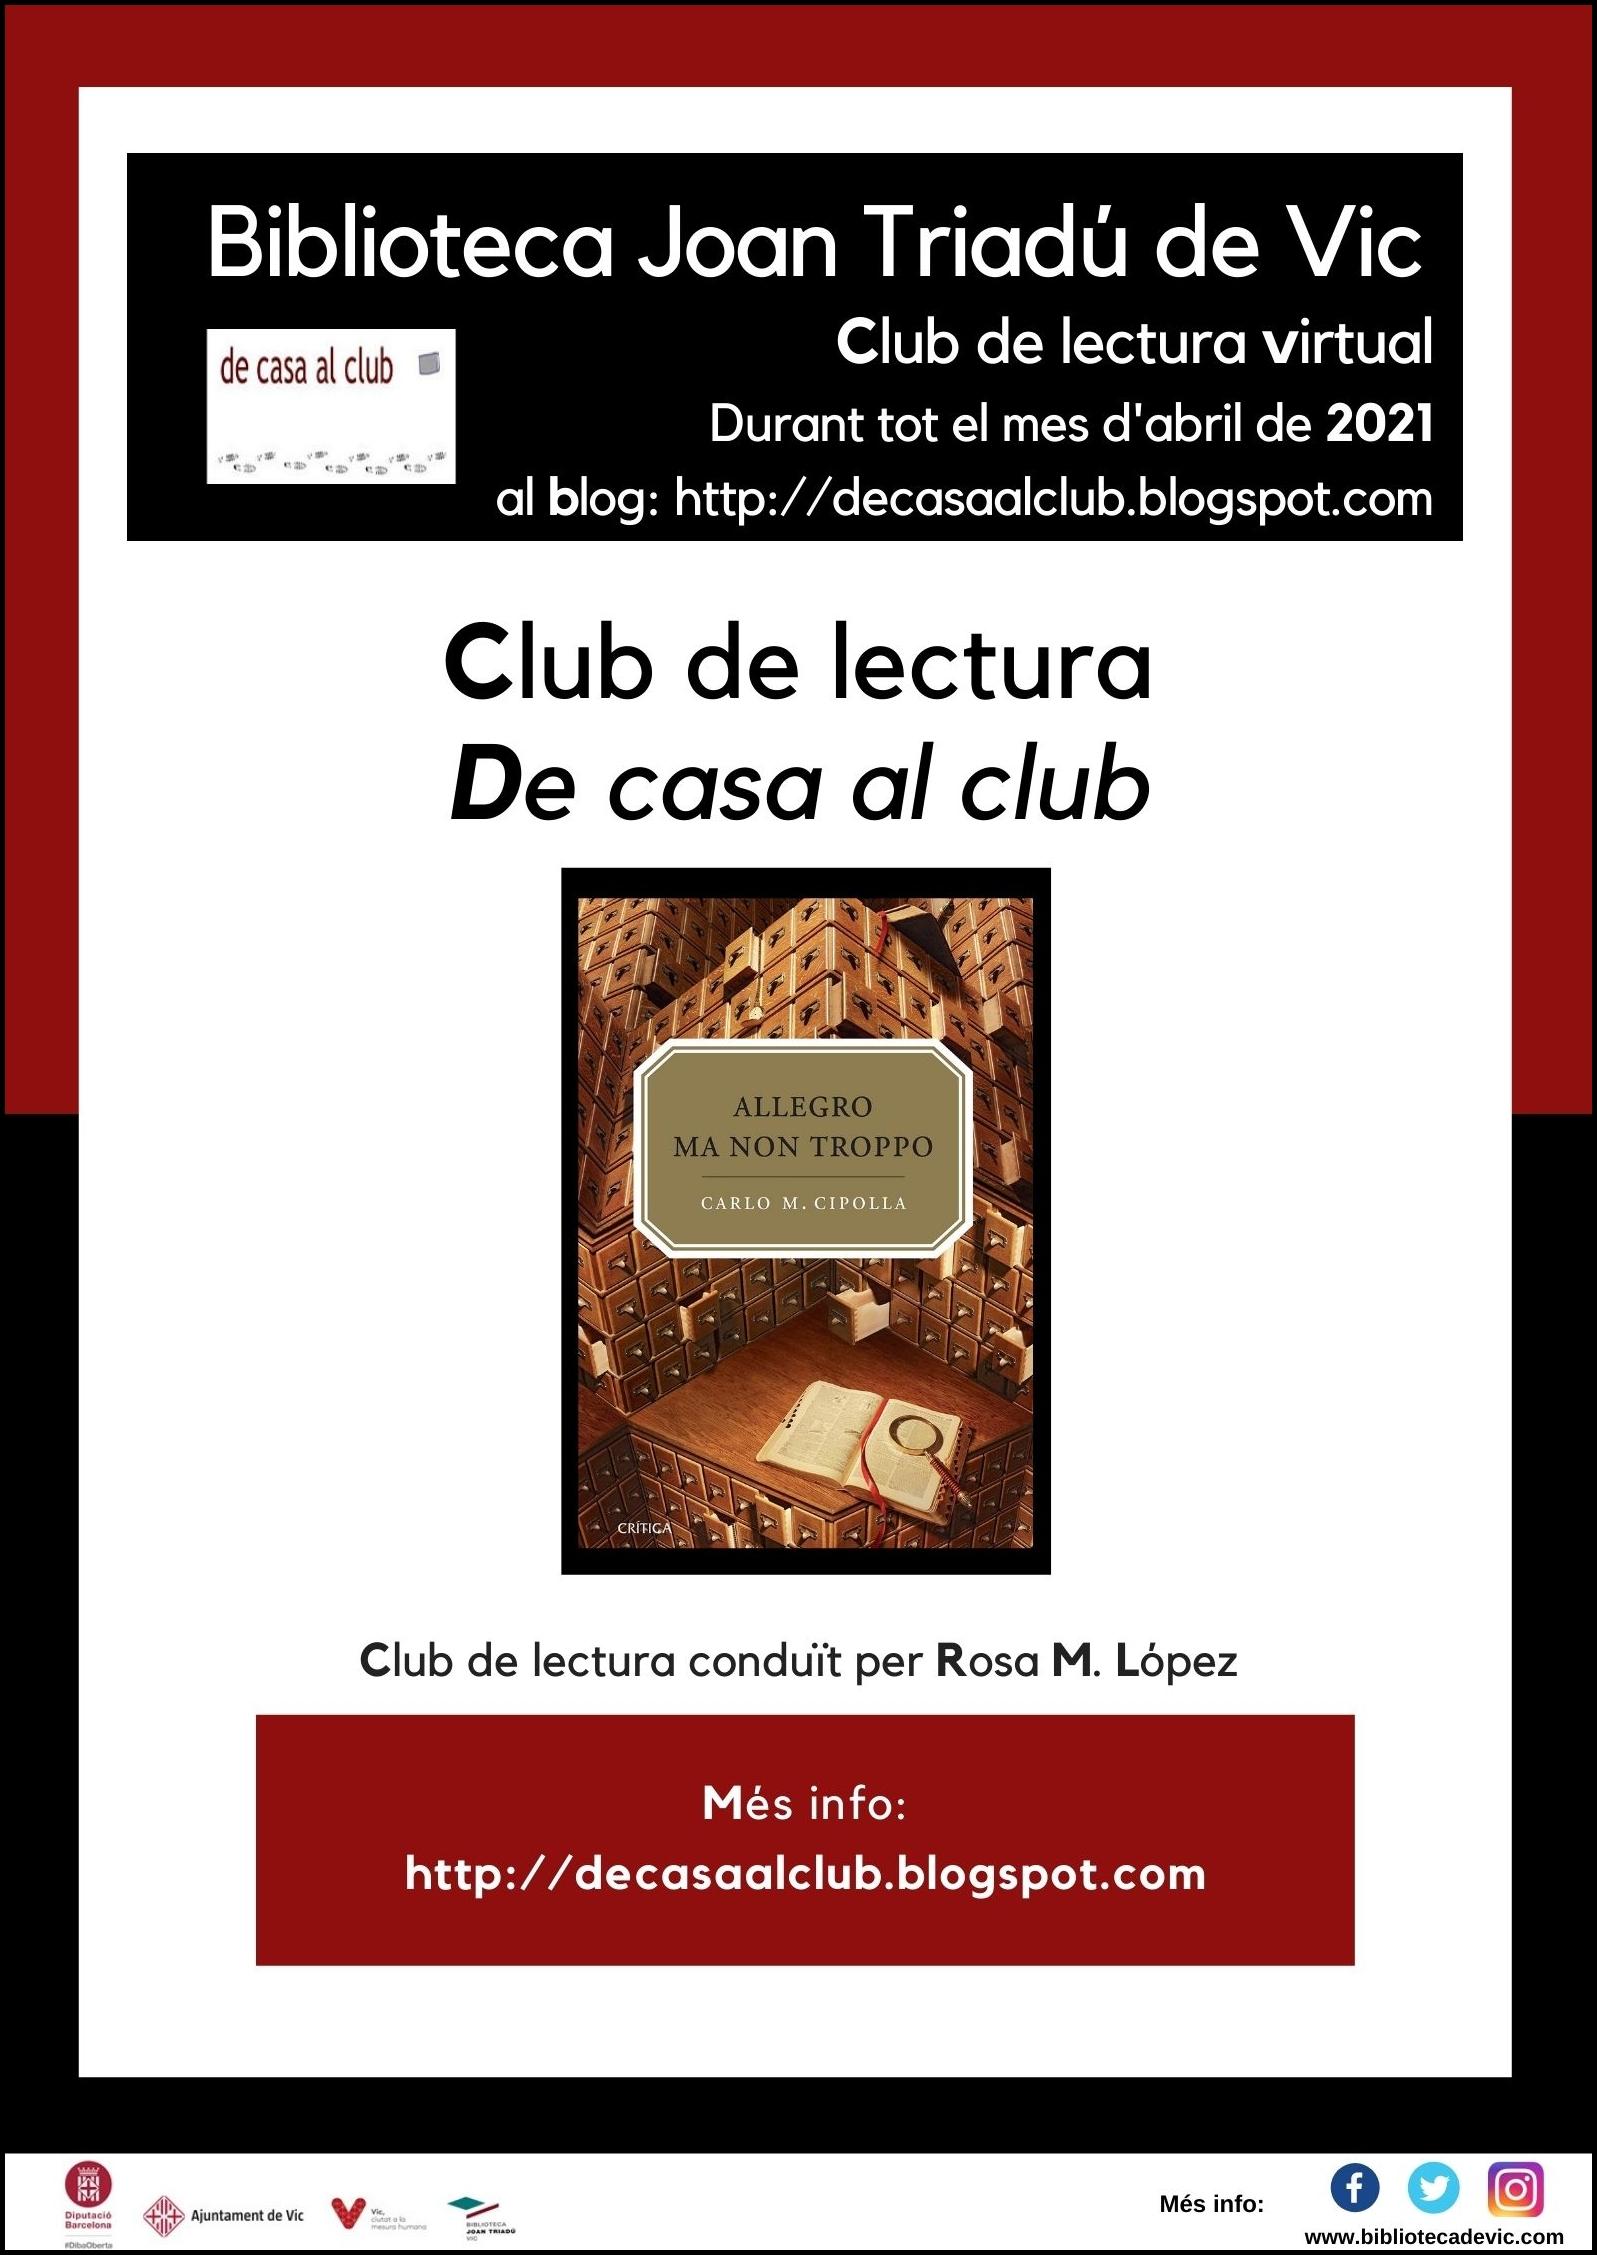 Cl de casa al club Allegro ma non troppo abril 2021